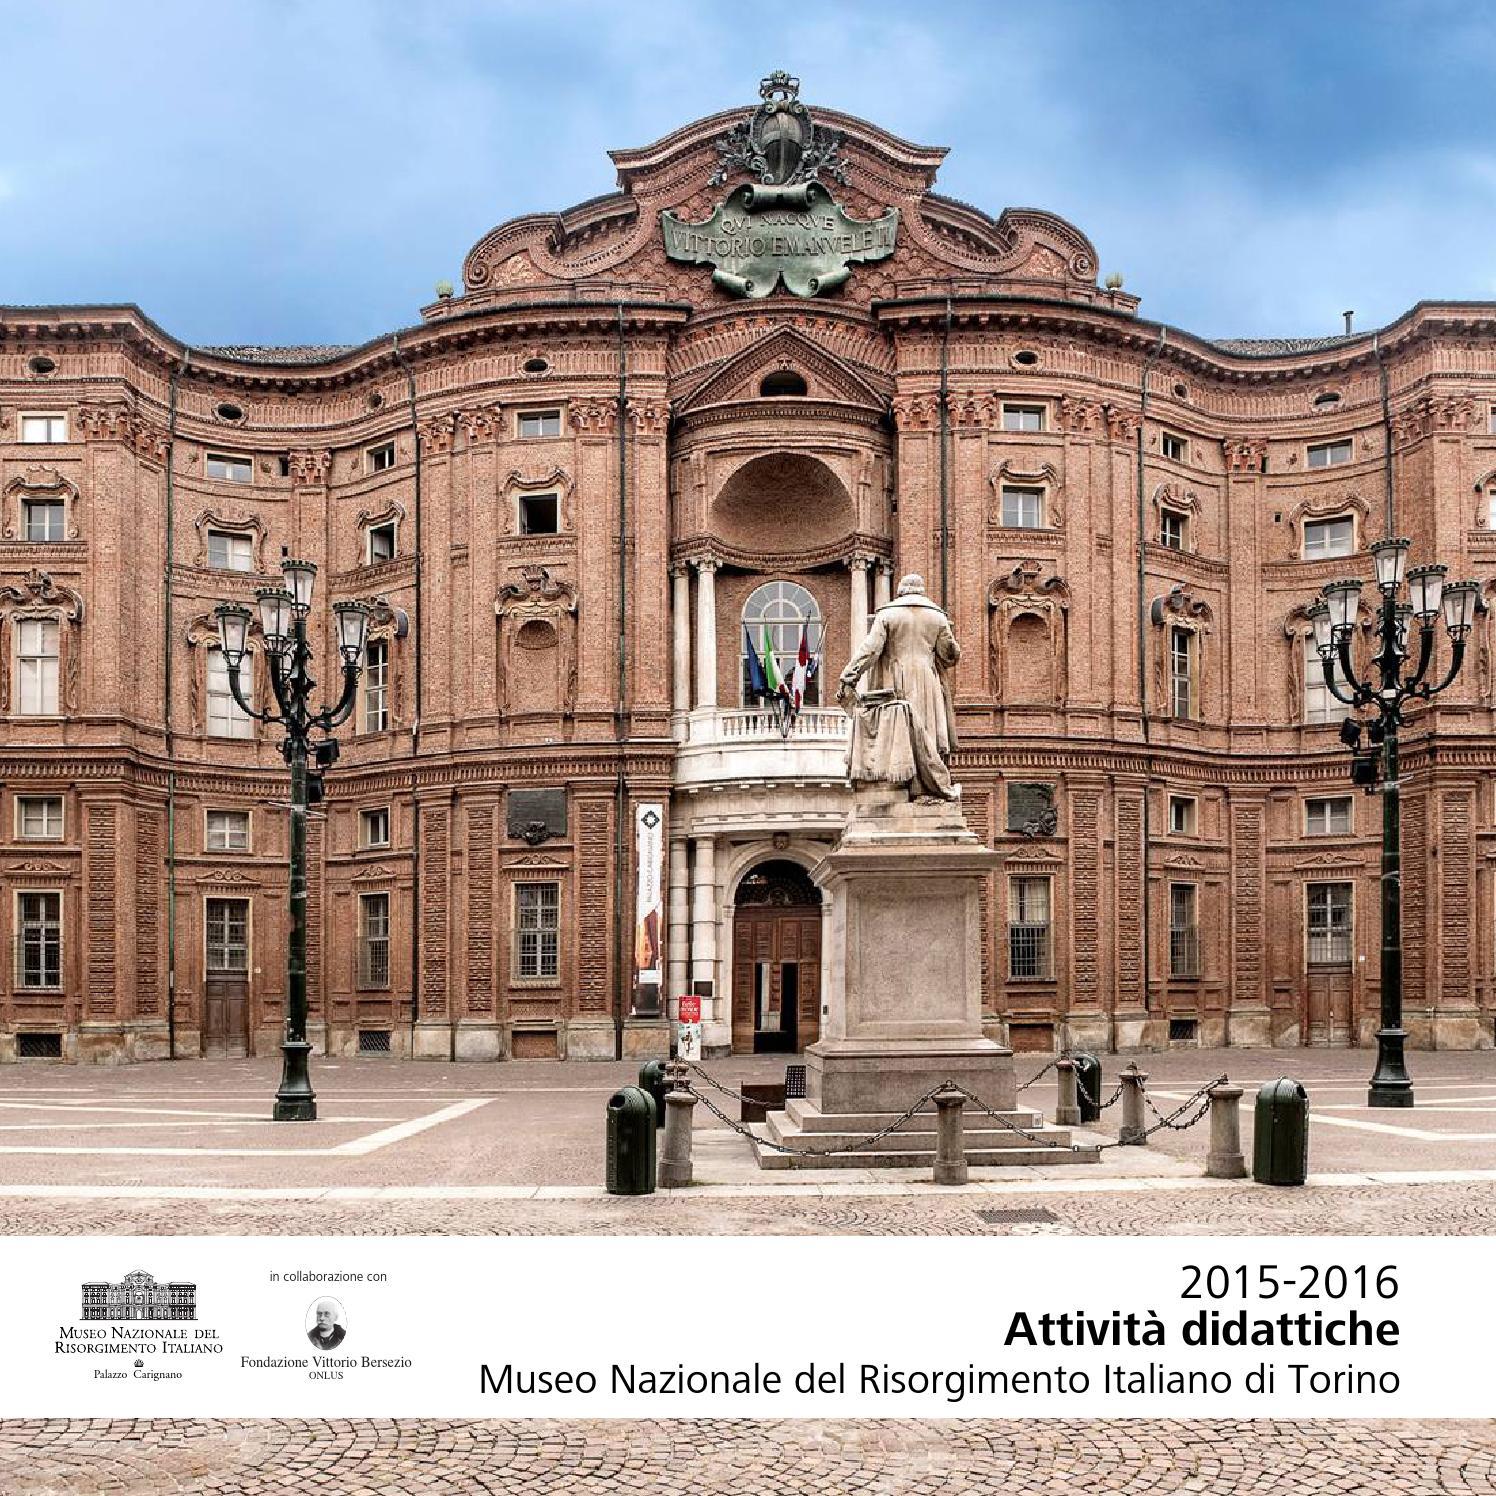 Museo Nazionale Del Risorgimento Italiano.Didattica 2015 16 Museo Nazionale Del Risorgimento Italiano Di